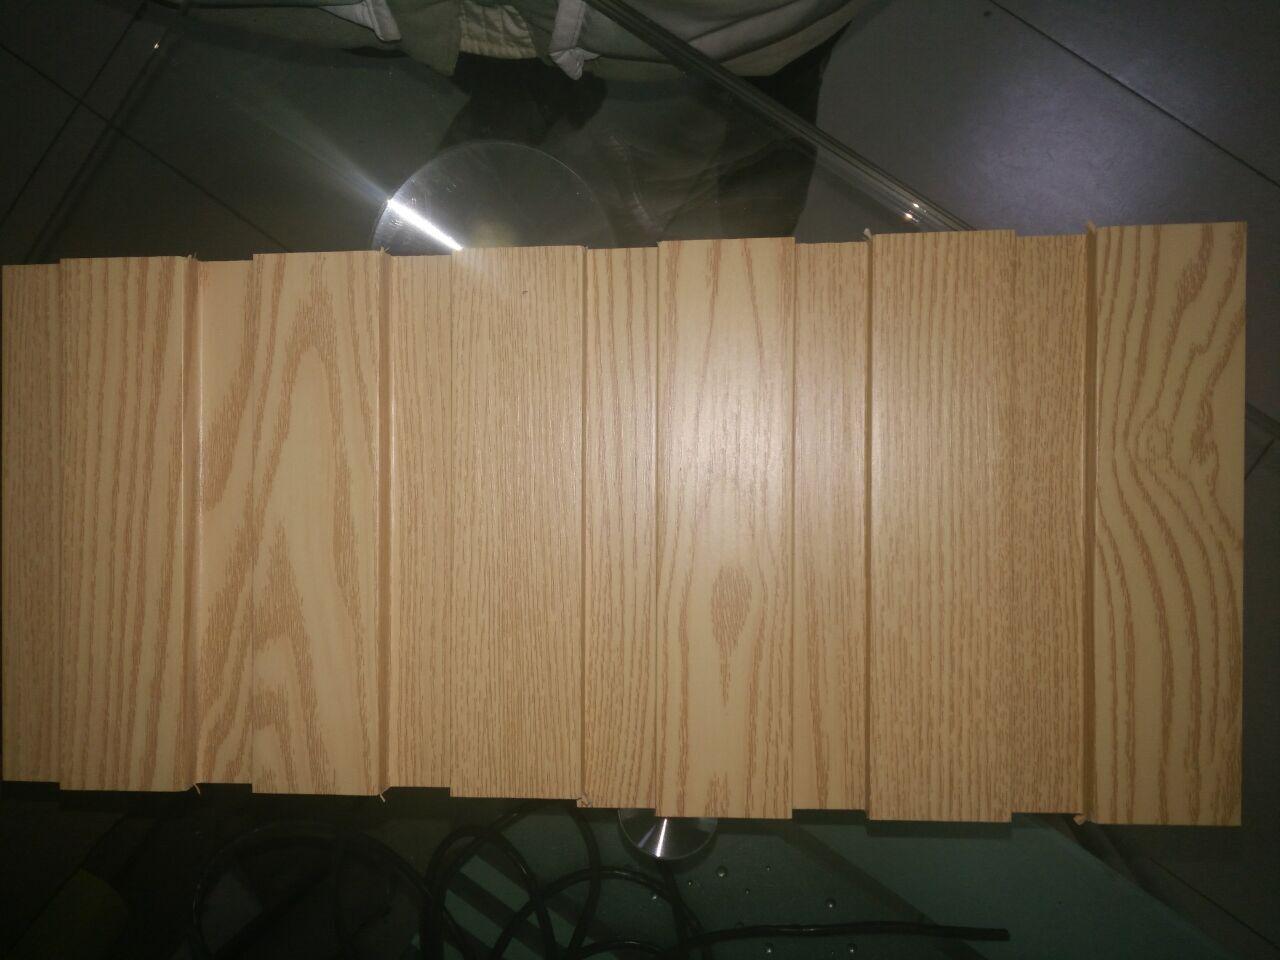 生态木方木吊顶安装方法 隔断安装方法厂家知道